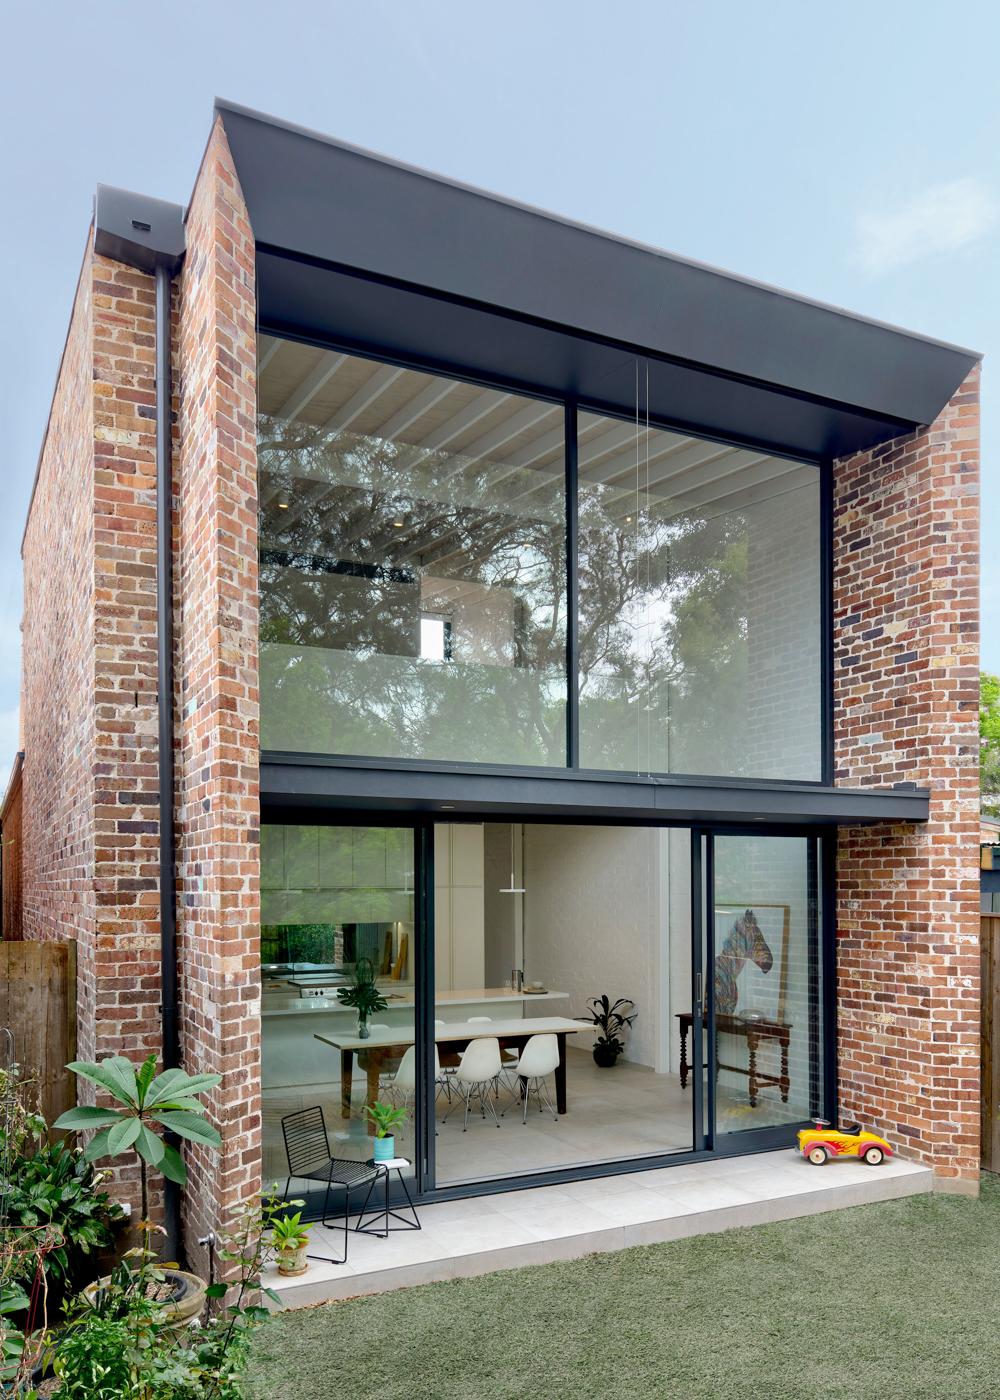 brick-aperture-house-kreis-grennan-architecture-the-design-emotive-02.jpg